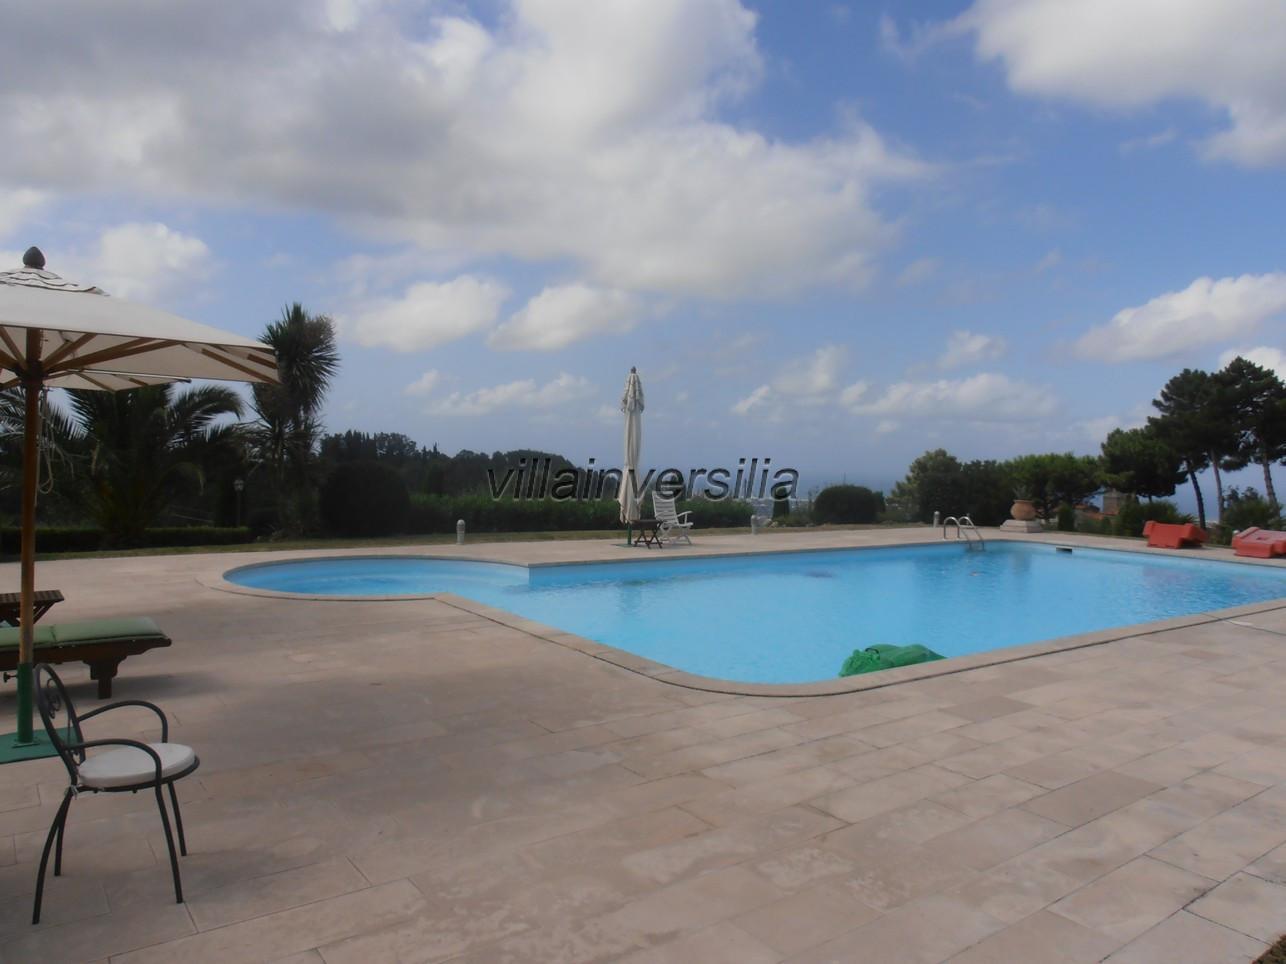 Foto 3/21 per rif. V 322021 villa piscina Versilia